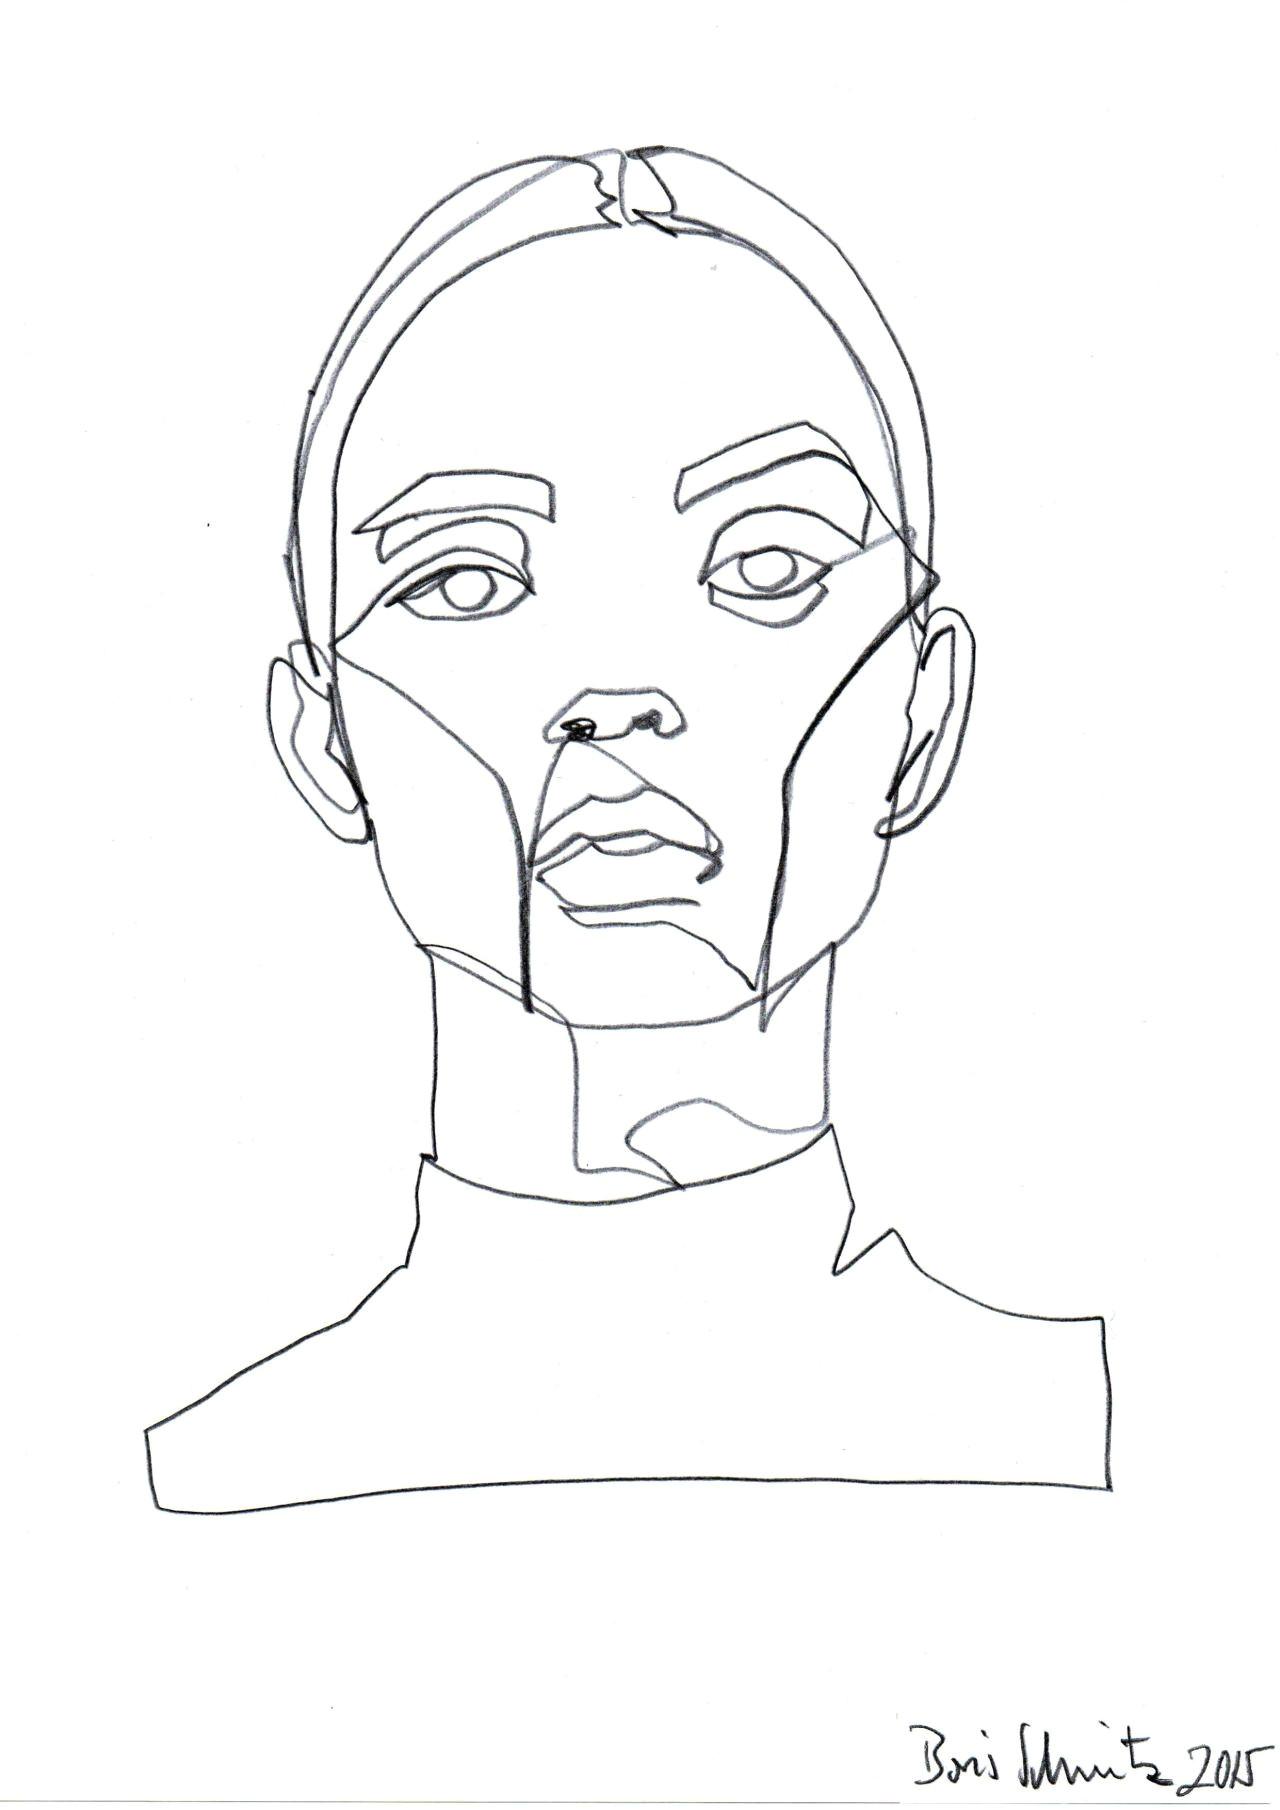 borisschmitz gaze 324 continuous line drawing by boris schmitz